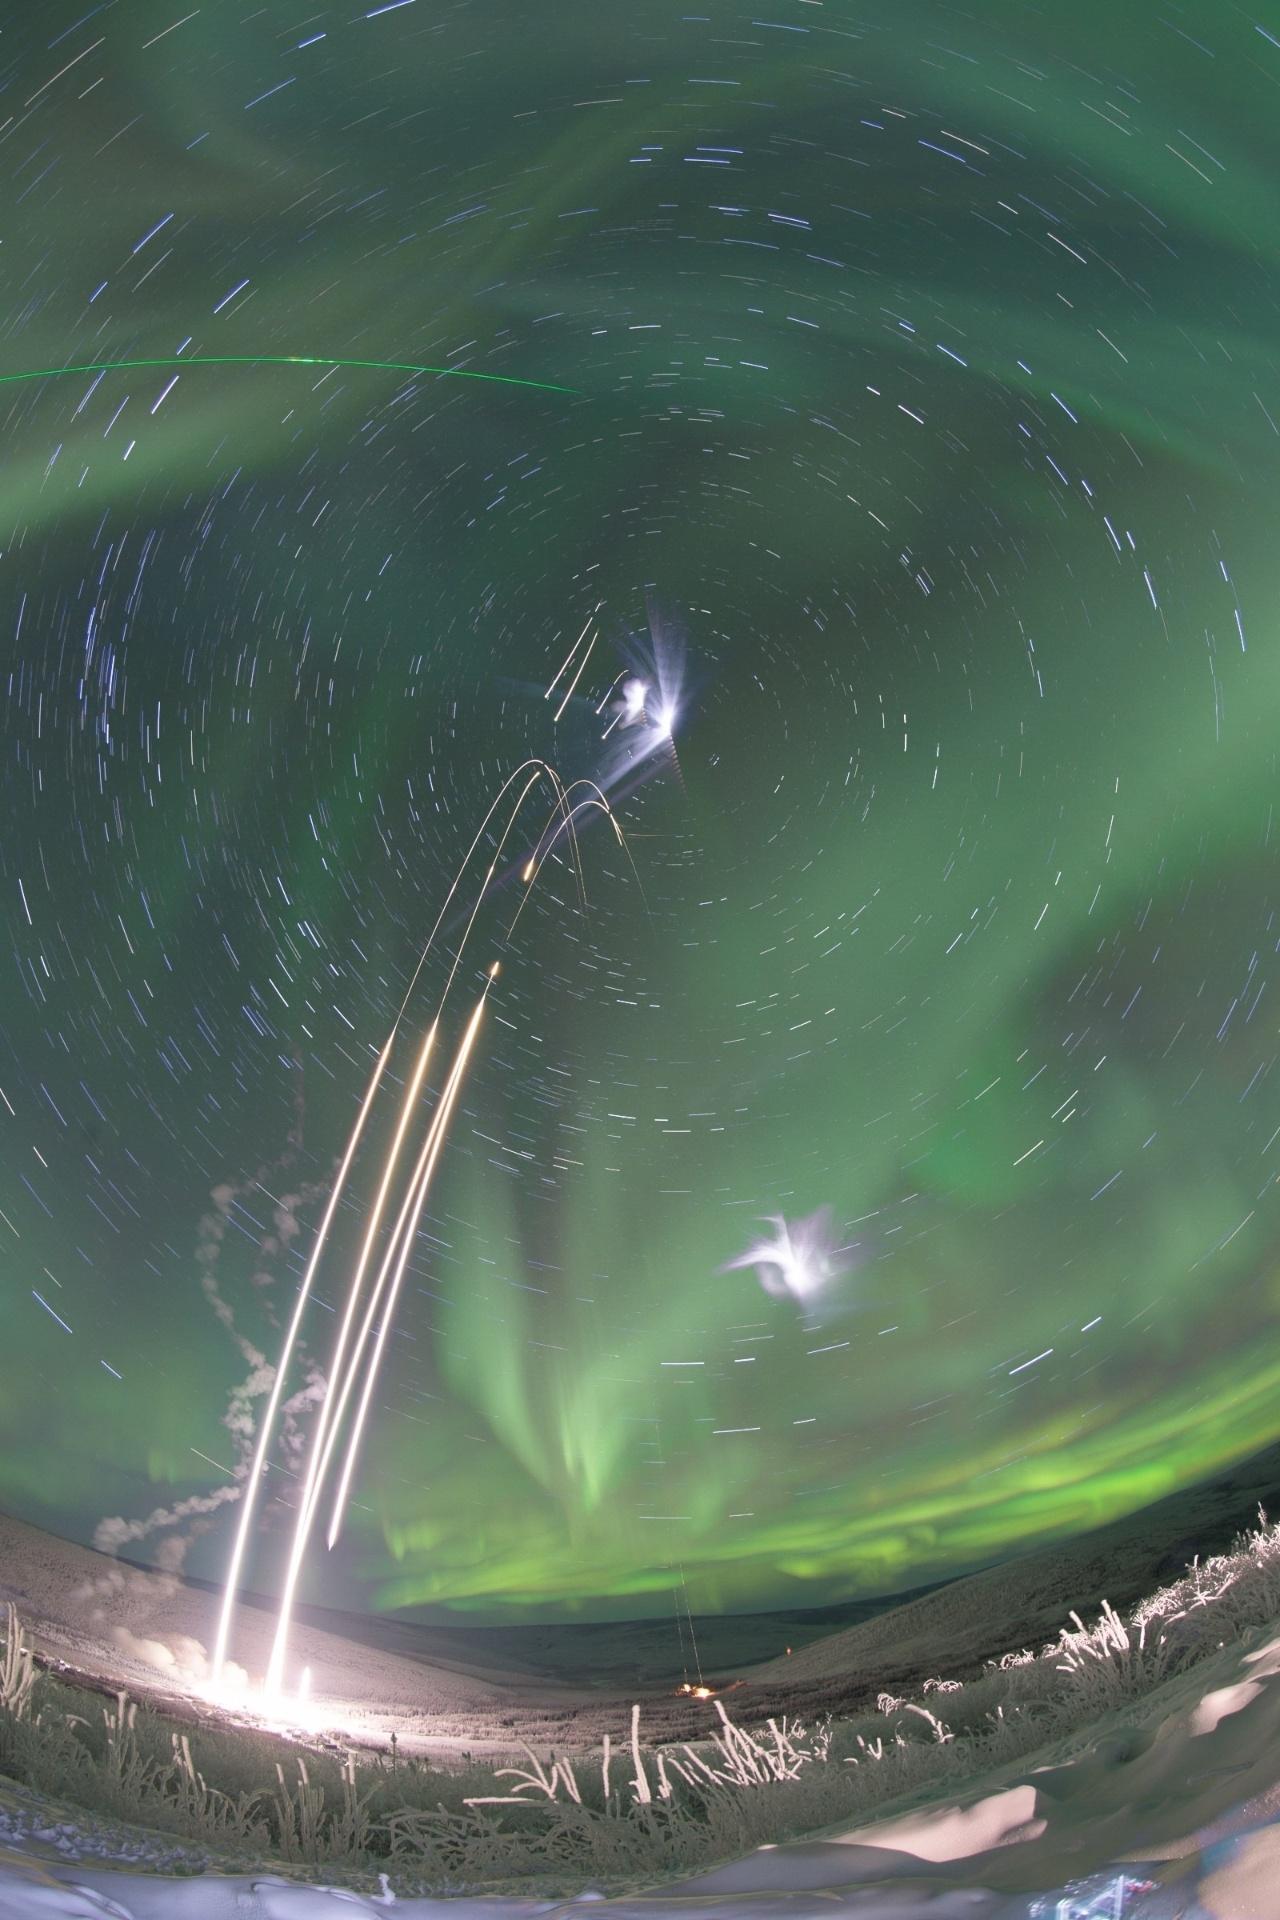 28.jan.2015 - A interação dos ventos solares e da atmosfera da Terra produz auroras boreais que